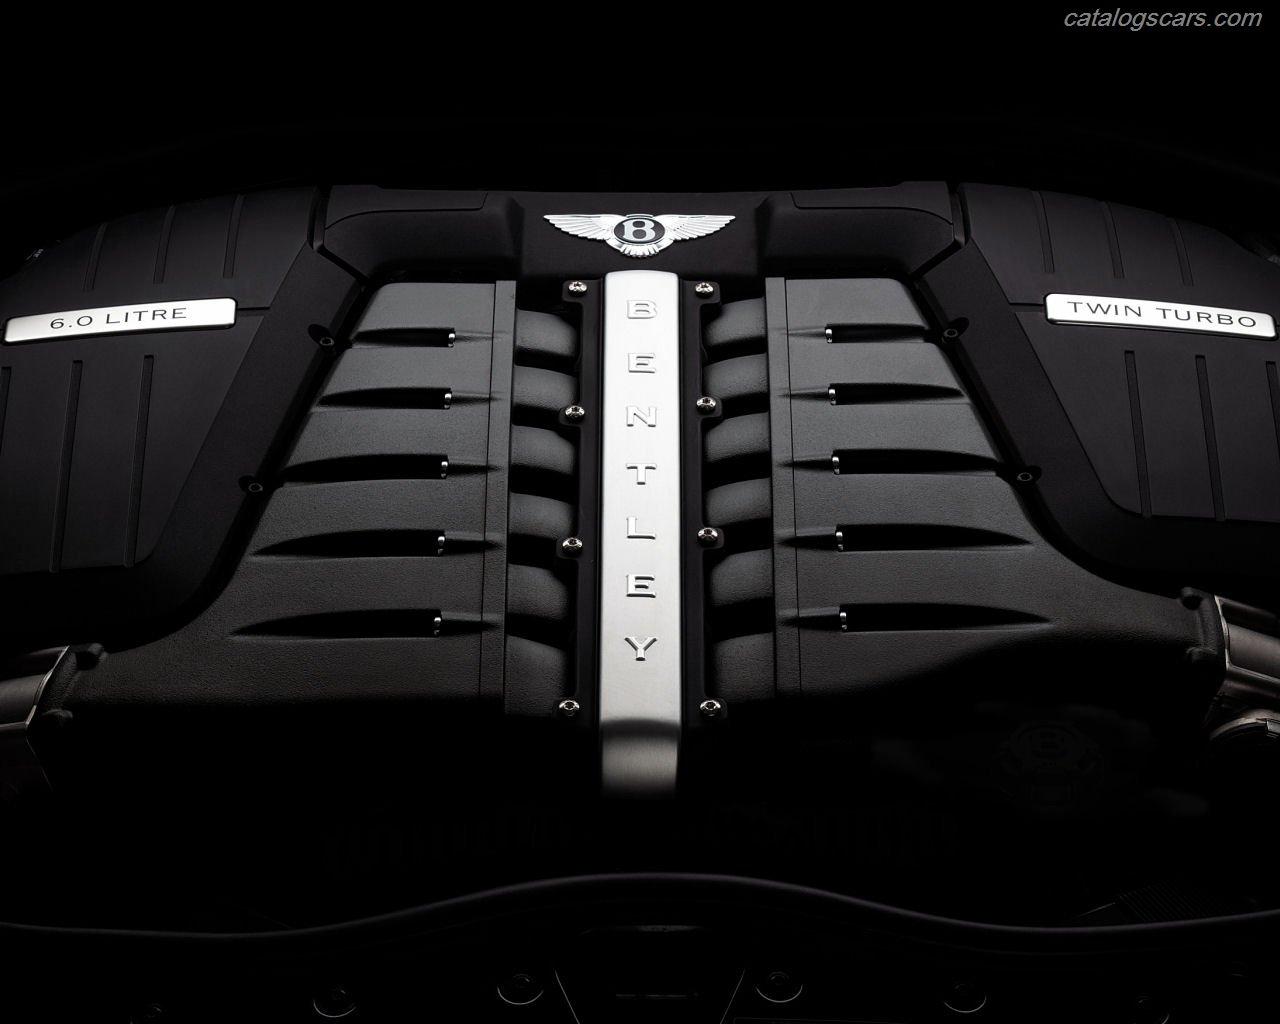 صور سيارة بنتلى كونتيننتال جى تى سى سبيد 2014 - اجمل خلفيات صور عربية بنتلى كونتيننتال جى تى سى سبيد 2014 - Bentley Continental Gtc Speed Photos Bentley-Continental-Gtc-Speed-2011-11.jpg